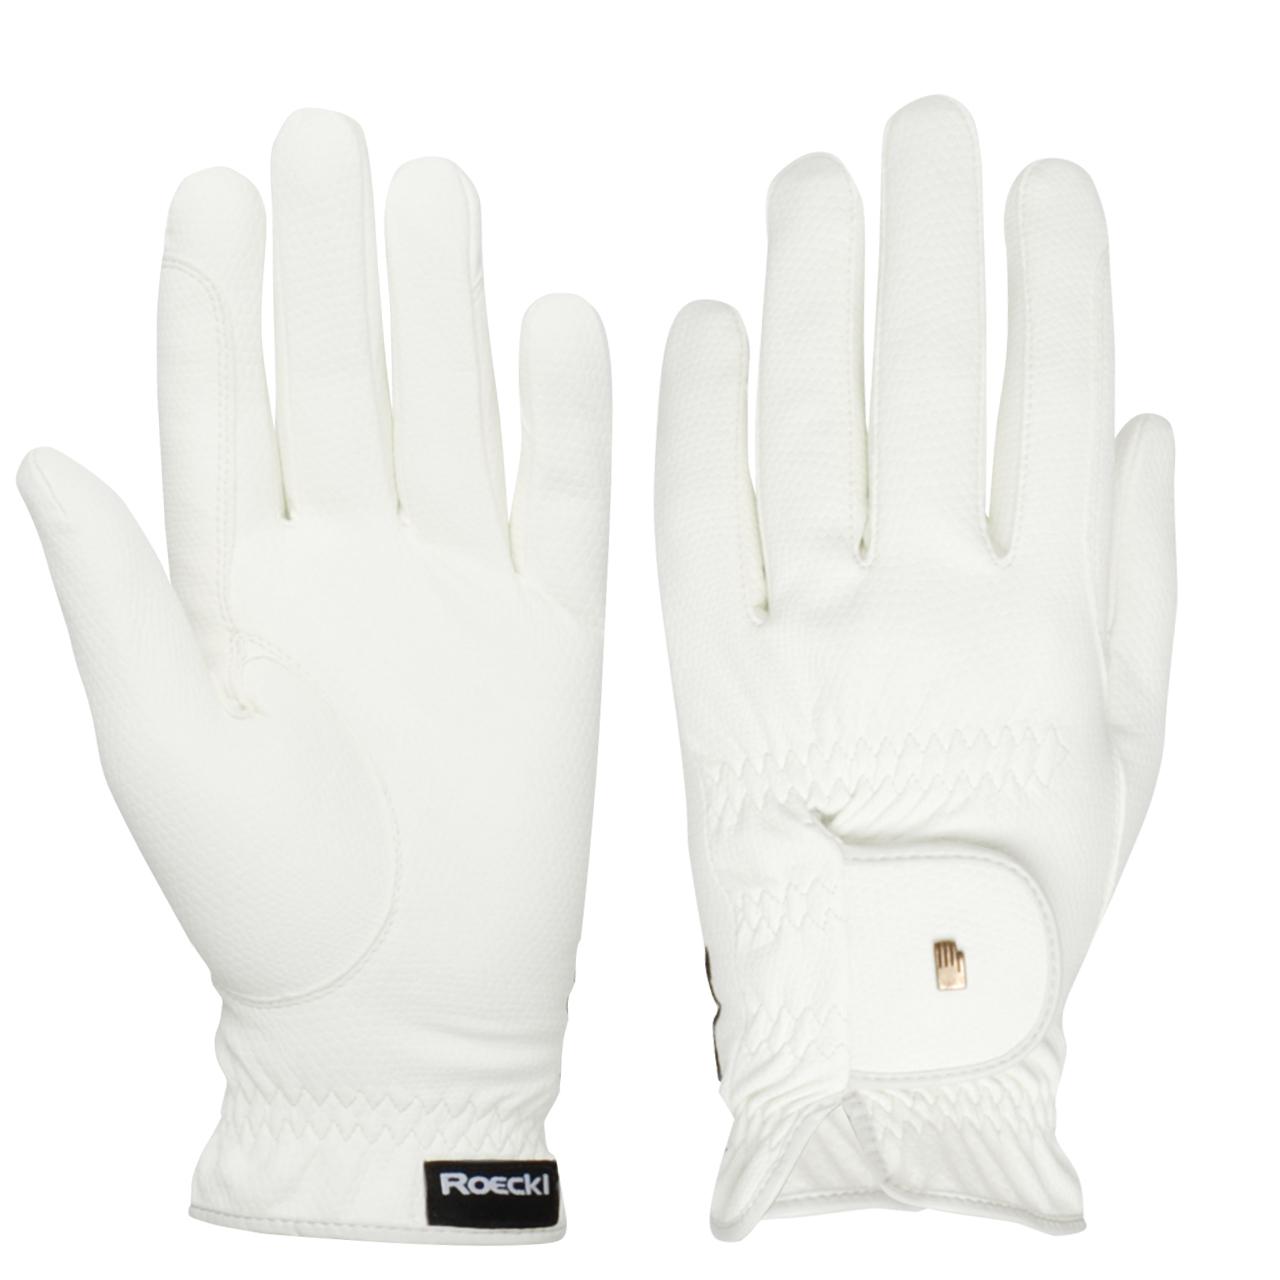 Roeckl Roeck grip Handschoen wit maat:8